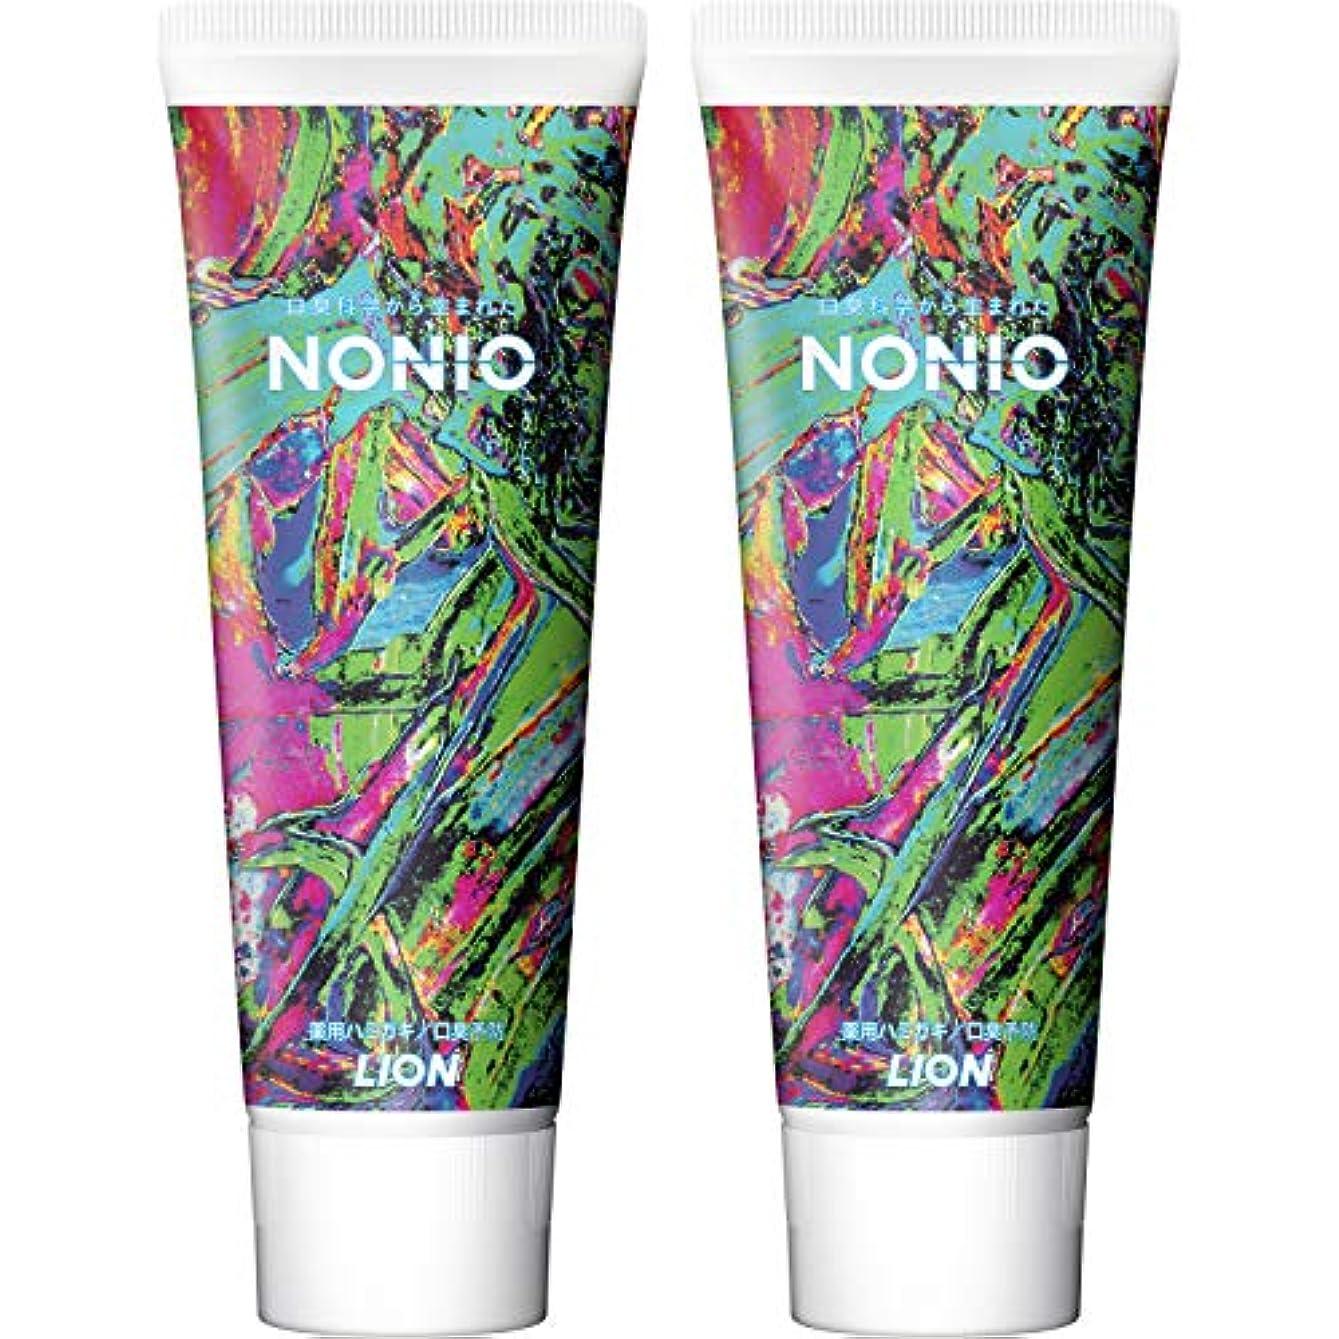 ブロックするのどフローNONIO(ノニオ) [医薬部外品]NONIO ハミガキ ピュアリーミント 2019限定デザイン品 130g×2個 130g×2 デザイン品